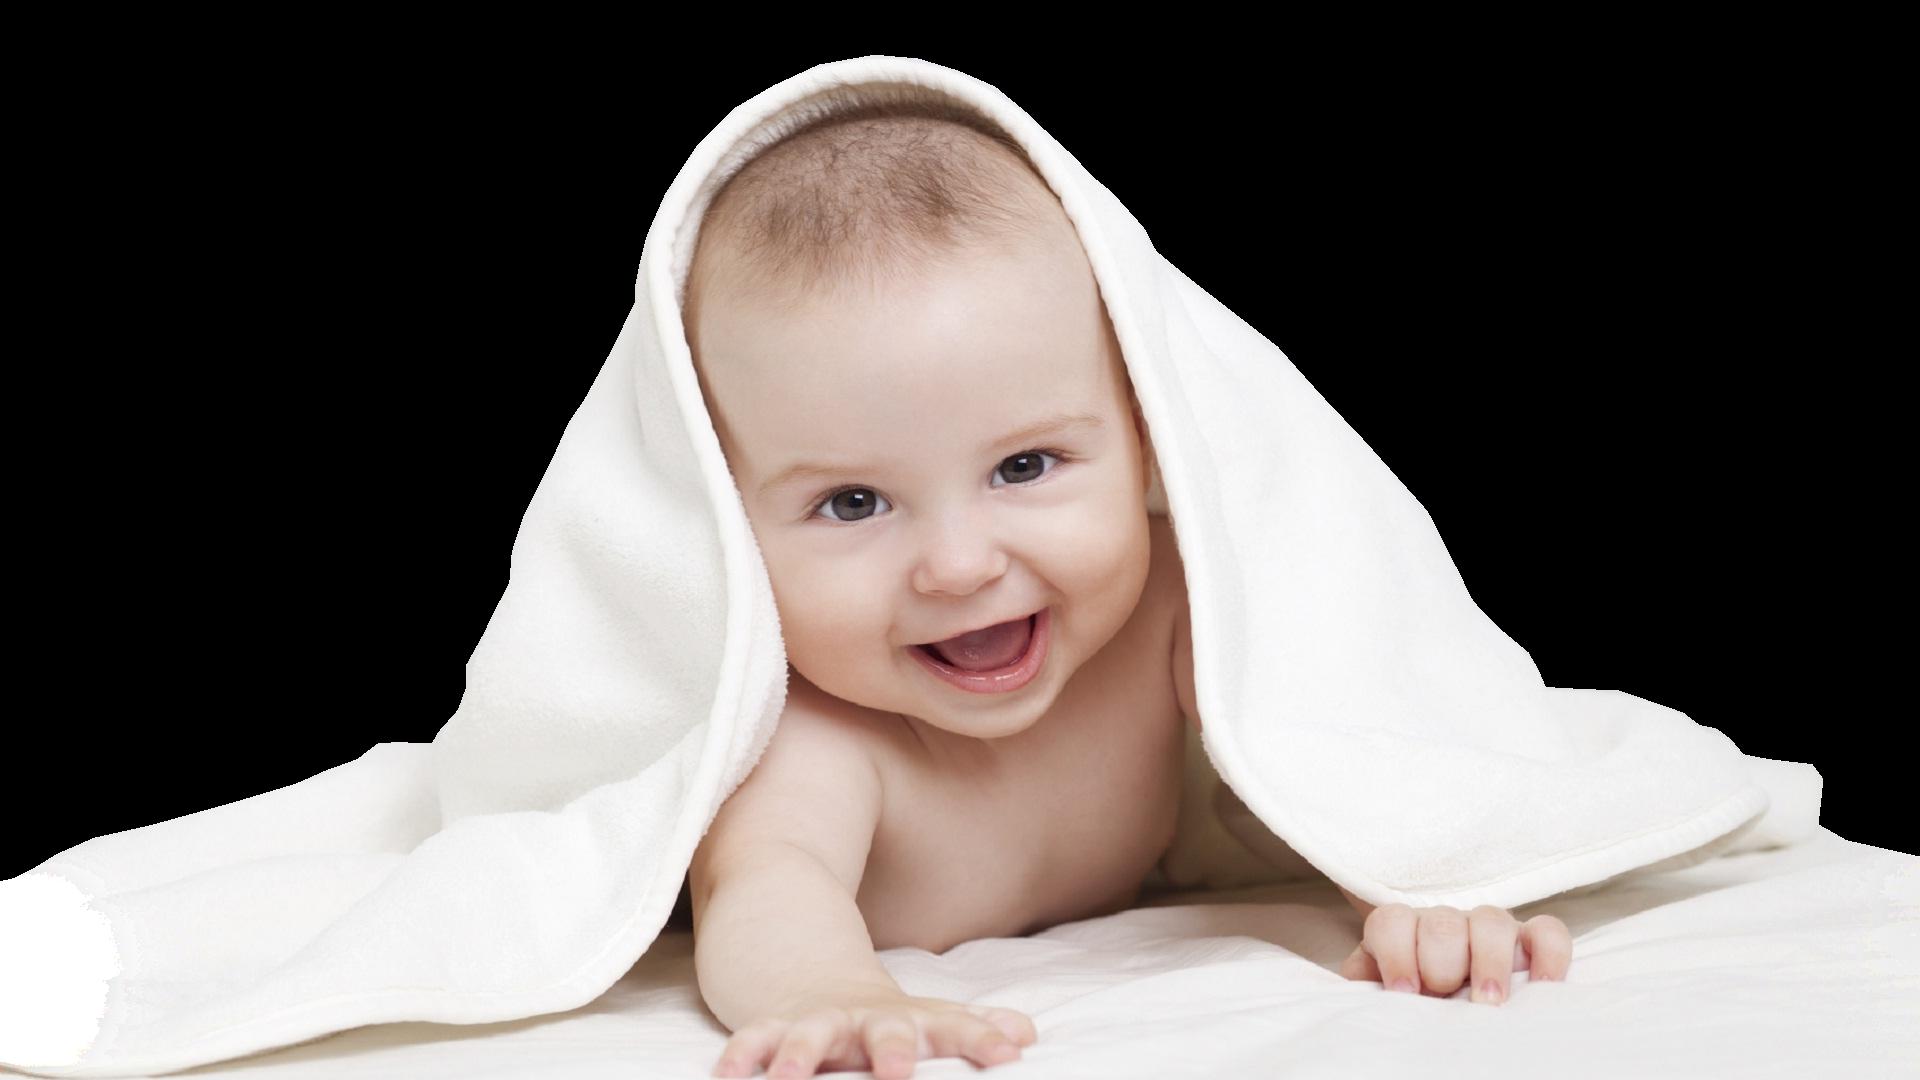 Üst dudak bağı bebeklerde emmeyi nasıl zorlaştırır? - Dudak bağı muayenesi - Dudak bağı belirtileri - Bebeğinizde üst dudak bağını nasıl anlayabilirsiniz? - Bebeklerde üst dudak bağının belirtileri - Üst dudak bağına bağlı dudak ortasında yuvarlak çıkıntı olması - Dudak bağına bağlı üst dişlerde ayrılma